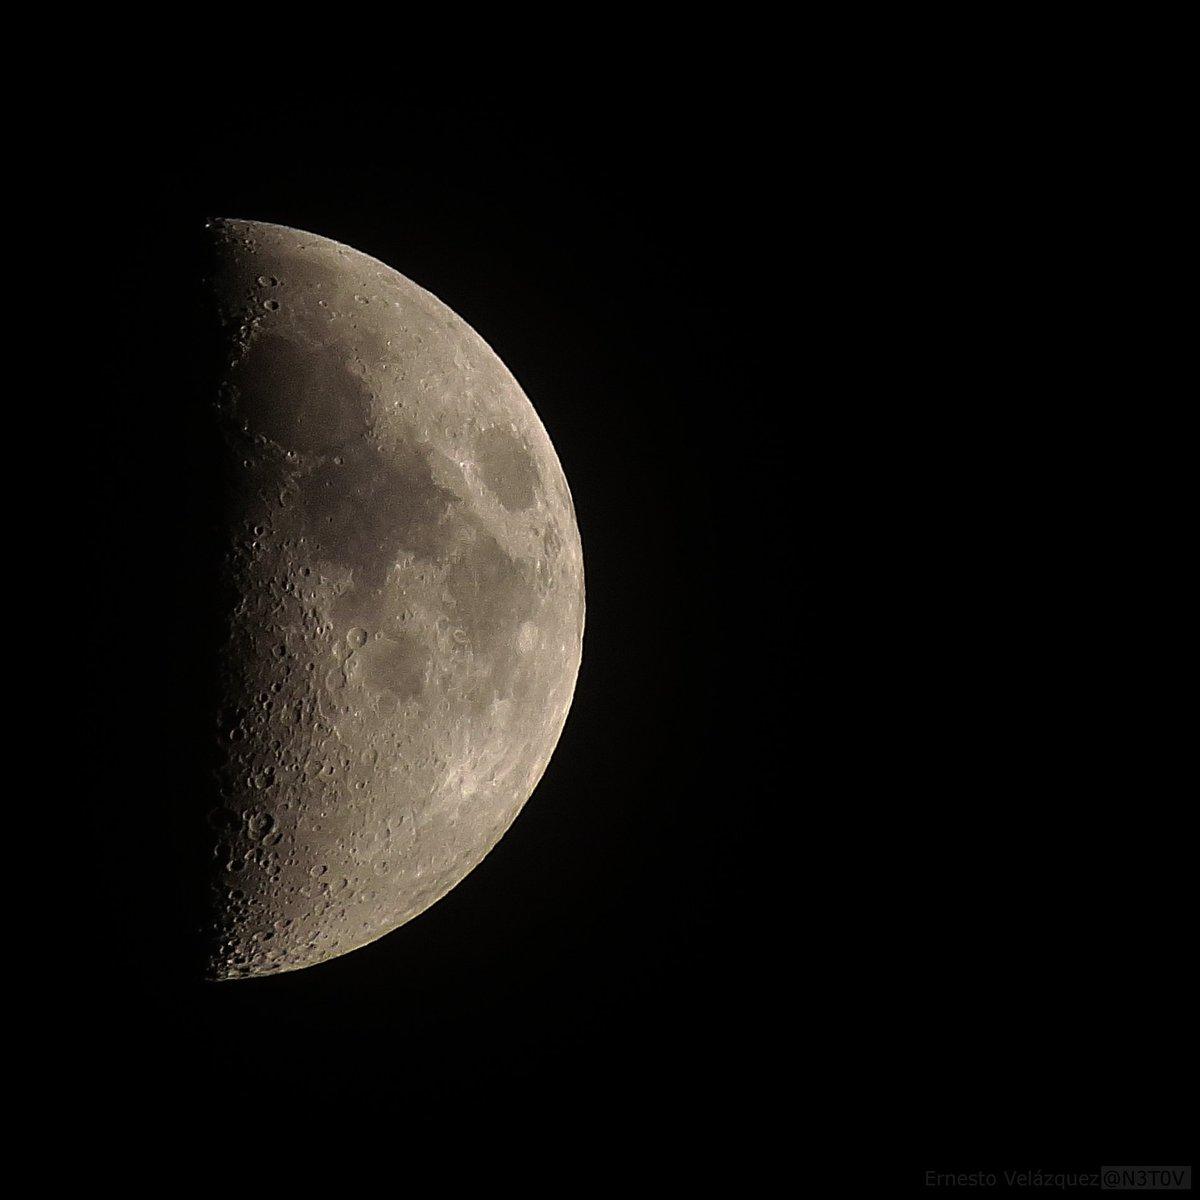 Cuarto Creciente: #Luna creciente iluminante, 48% iluminada